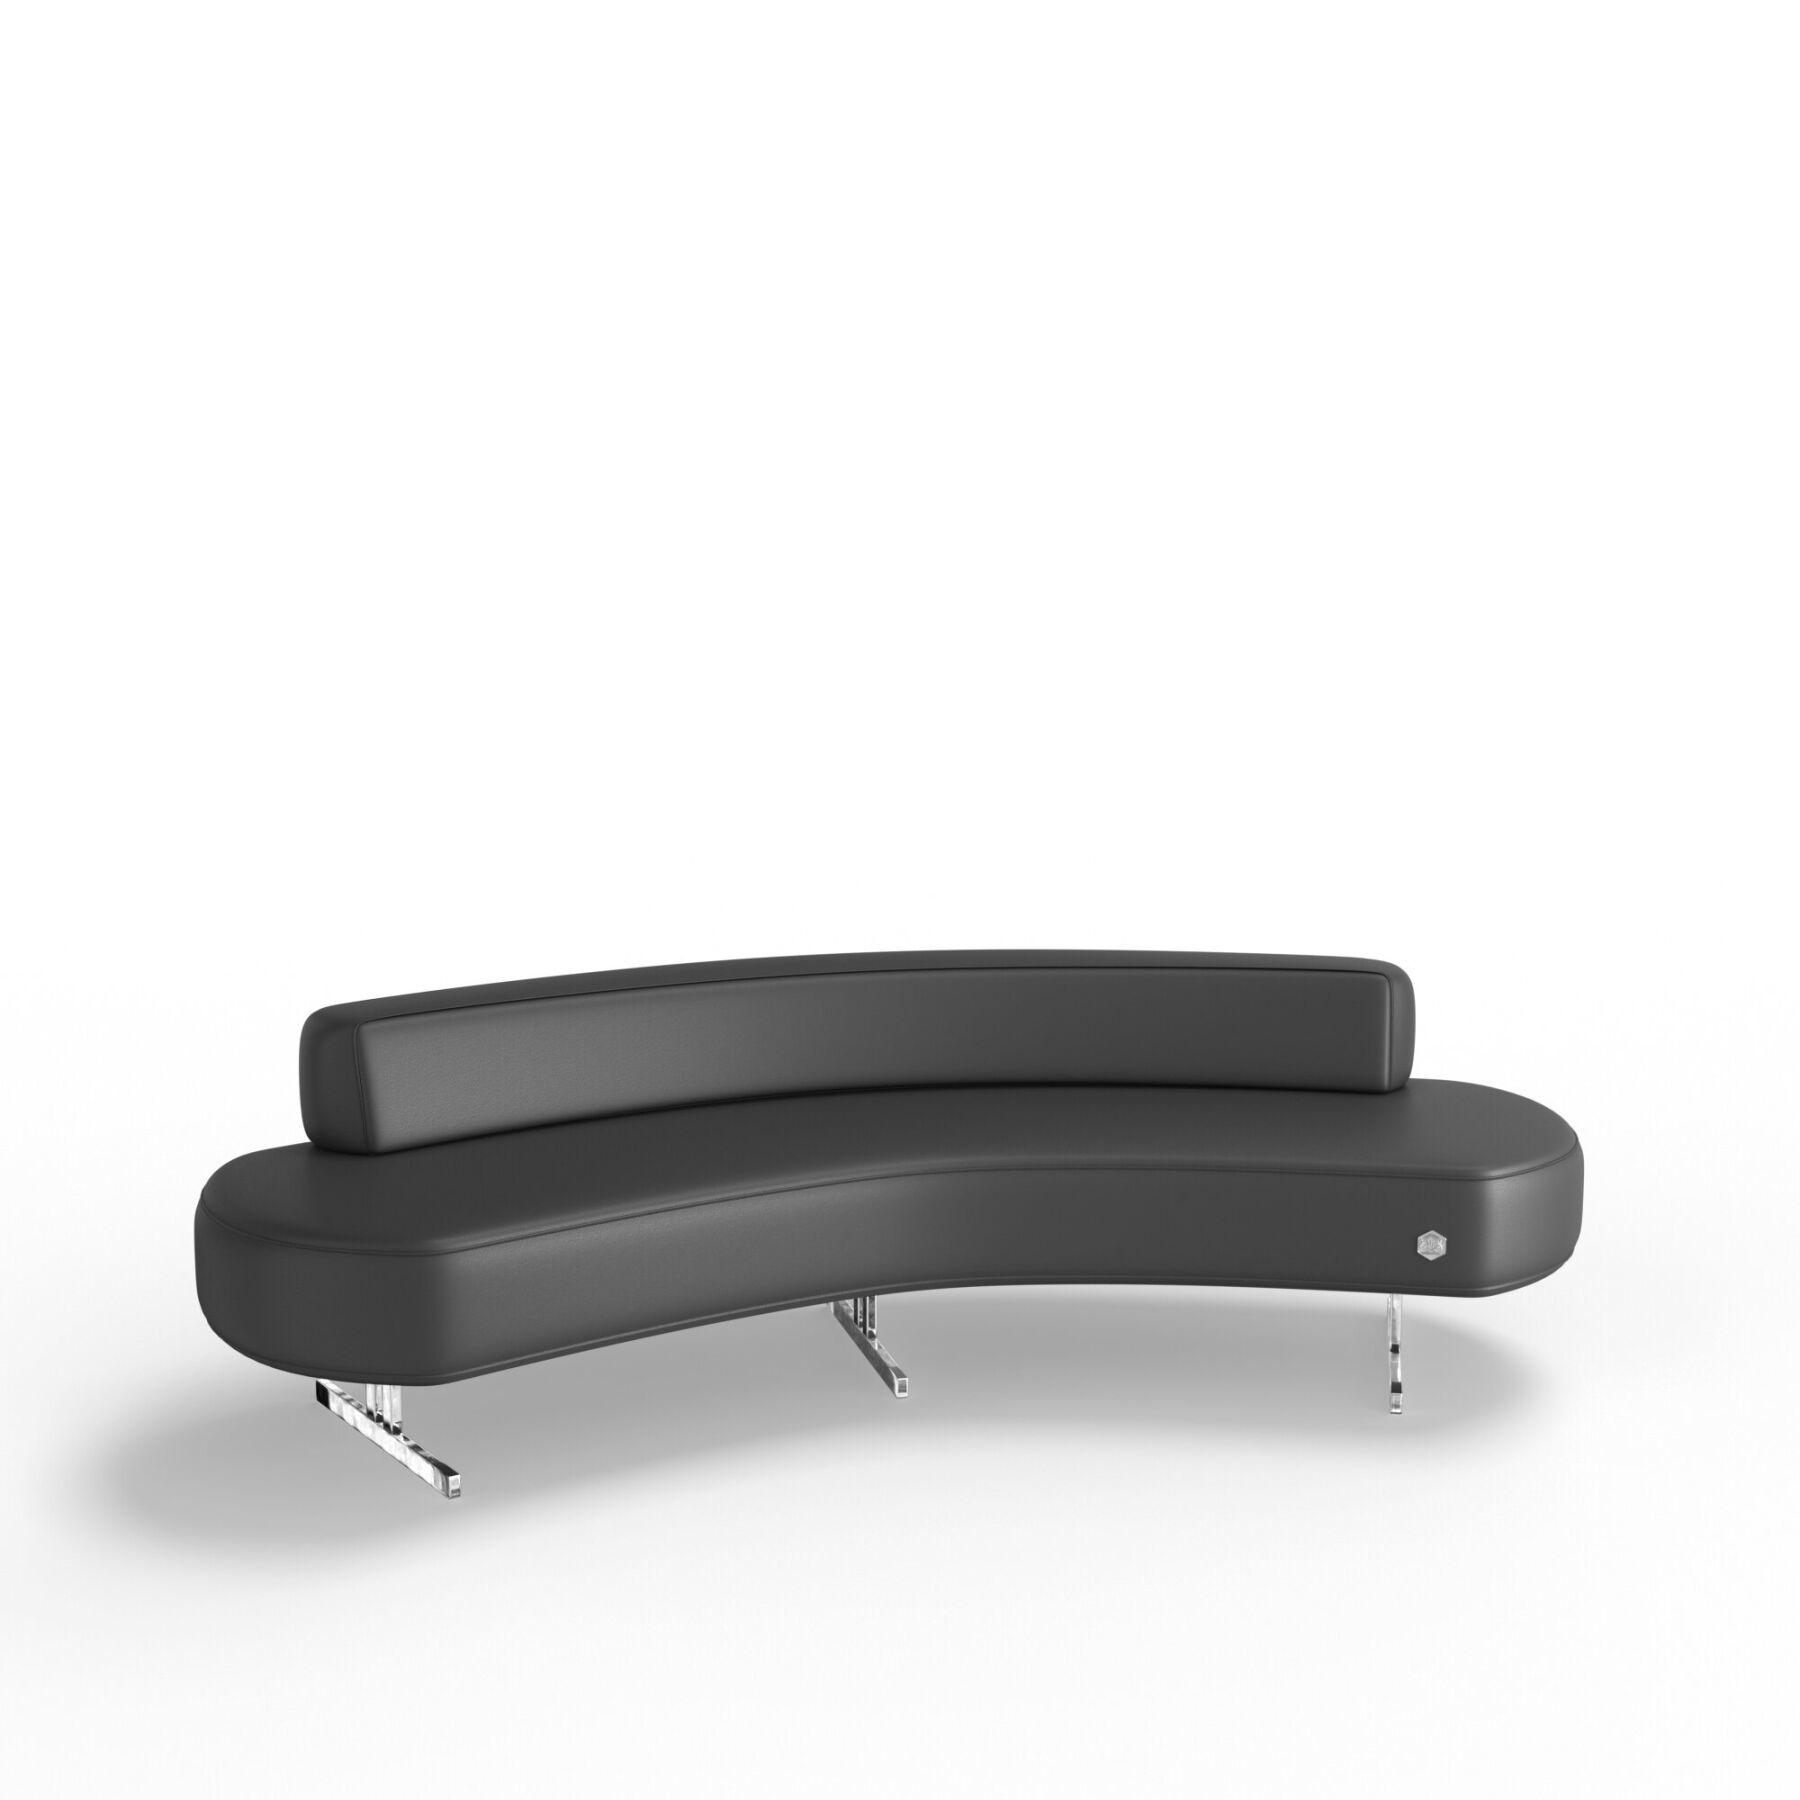 Трехместный диван KULIK SYSTEM FLEX_25 Кожа Целый